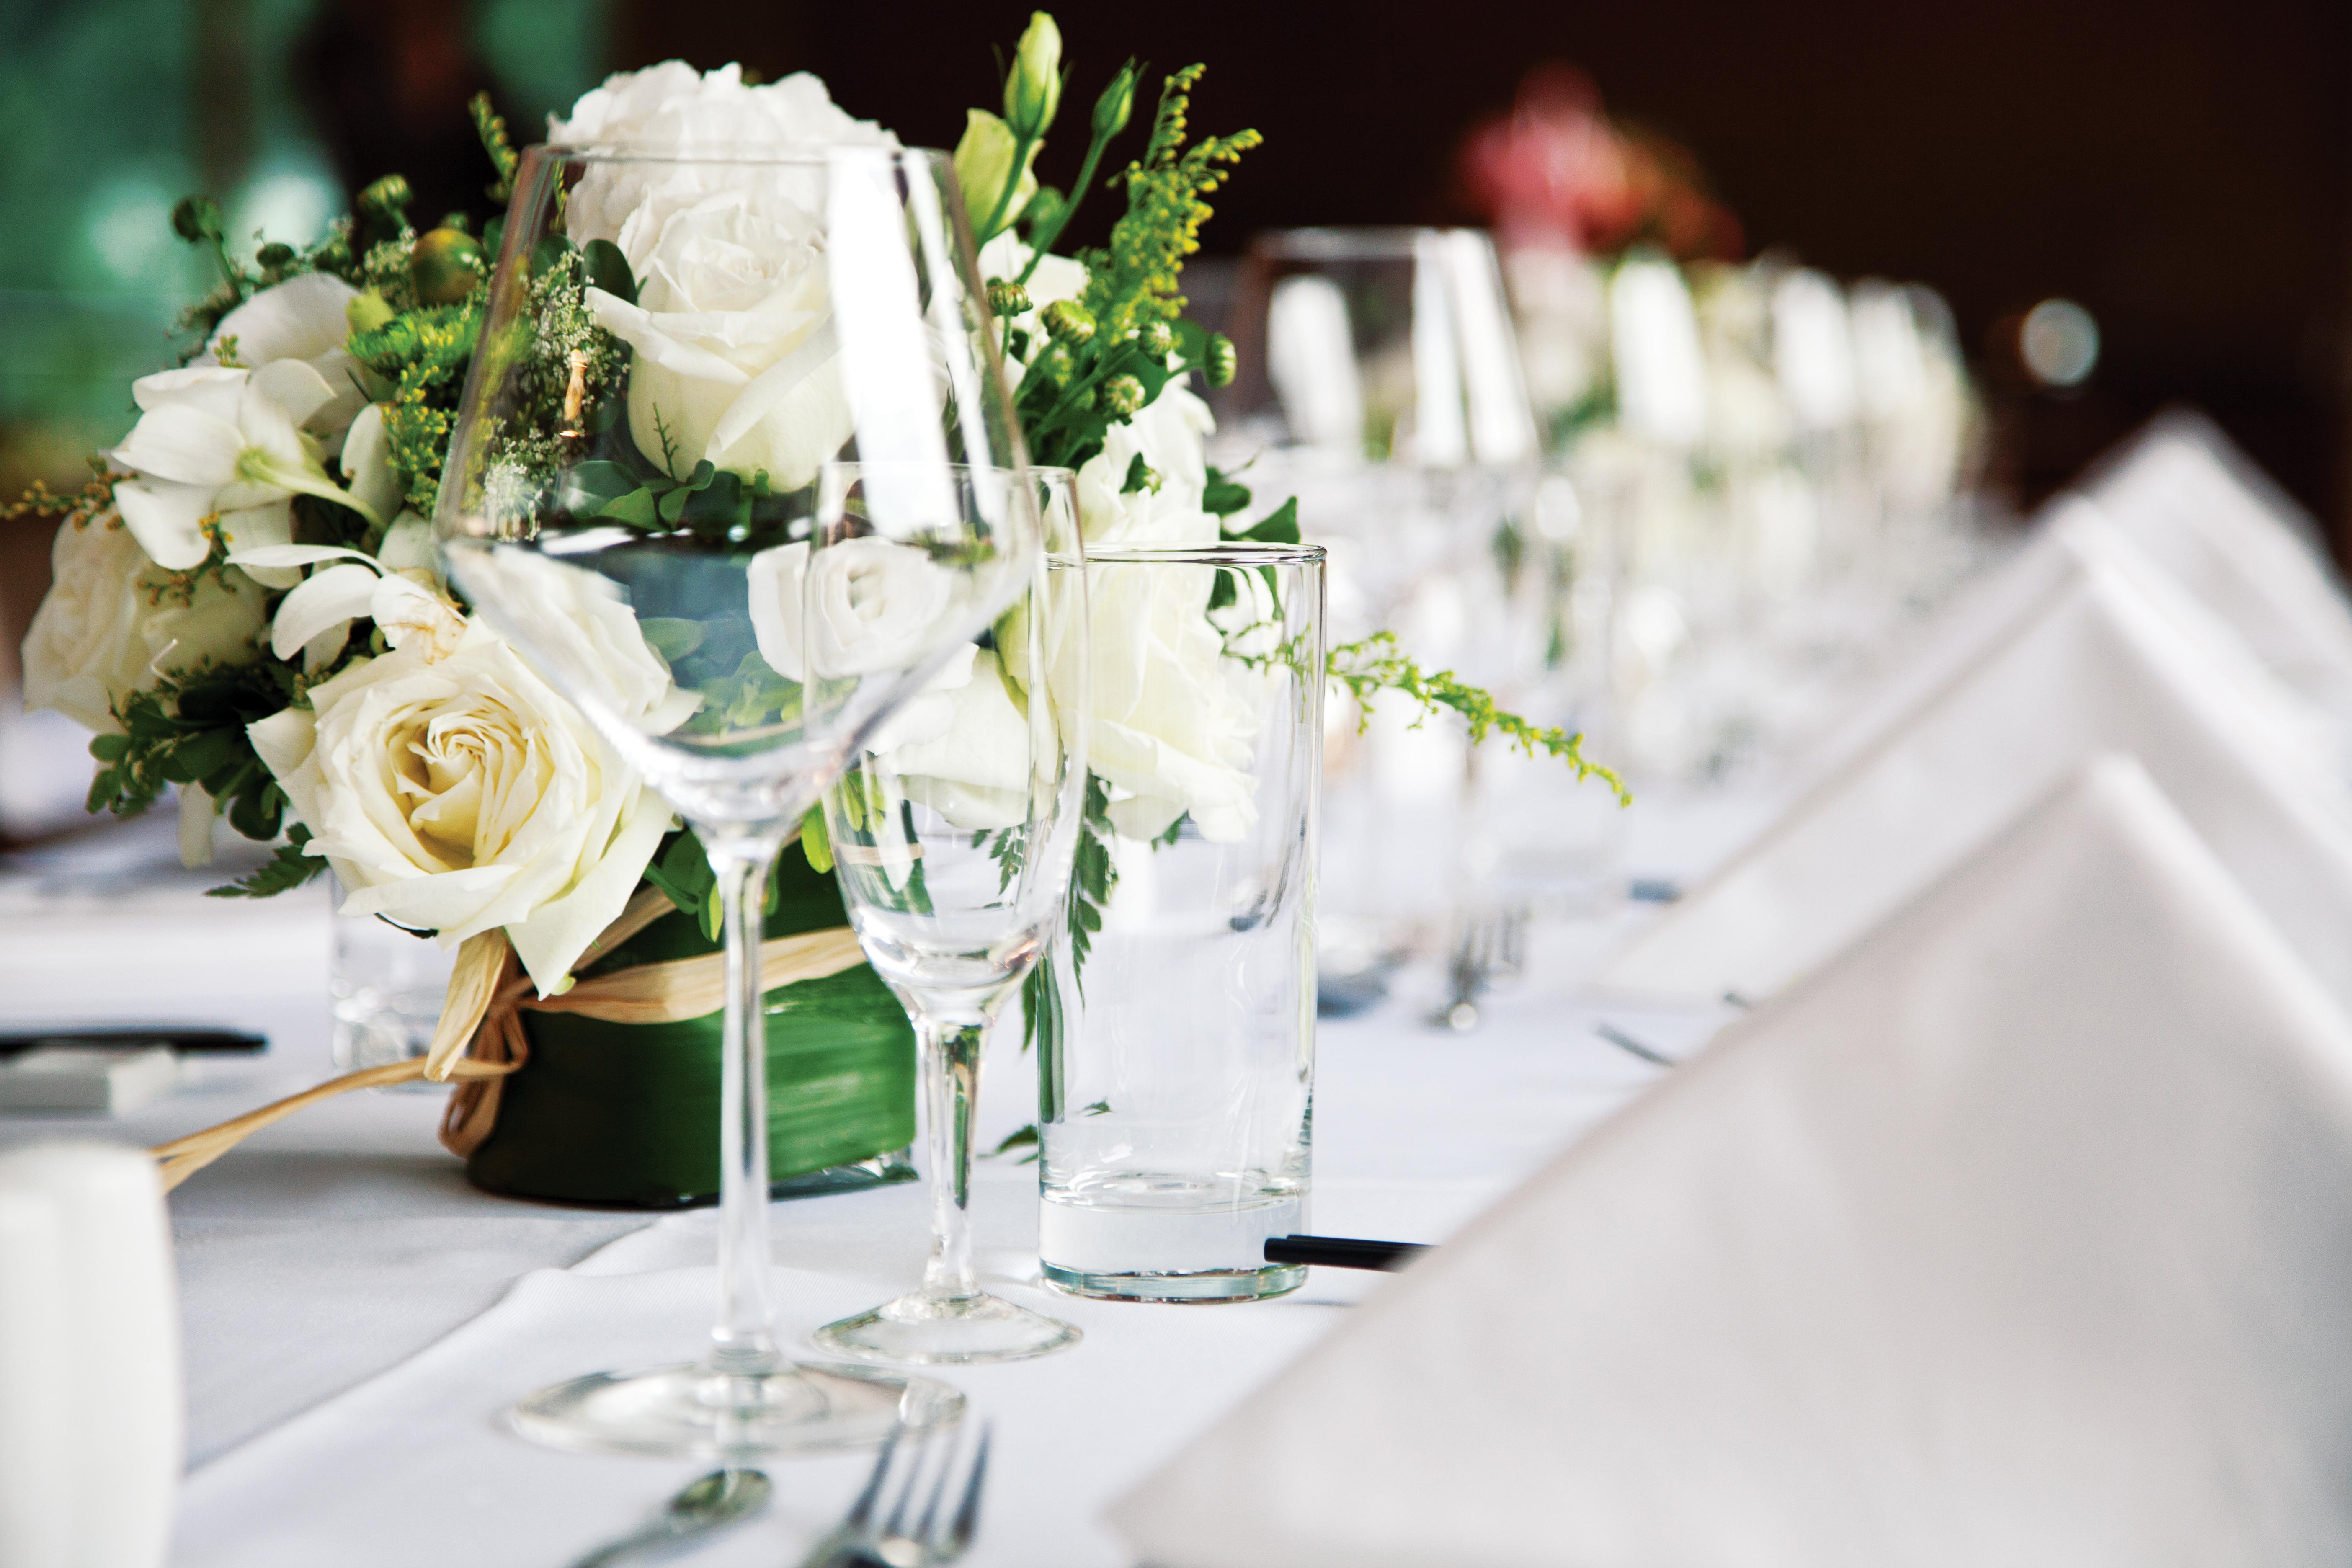 restoran-table-168353903_5616x3744.jpeg